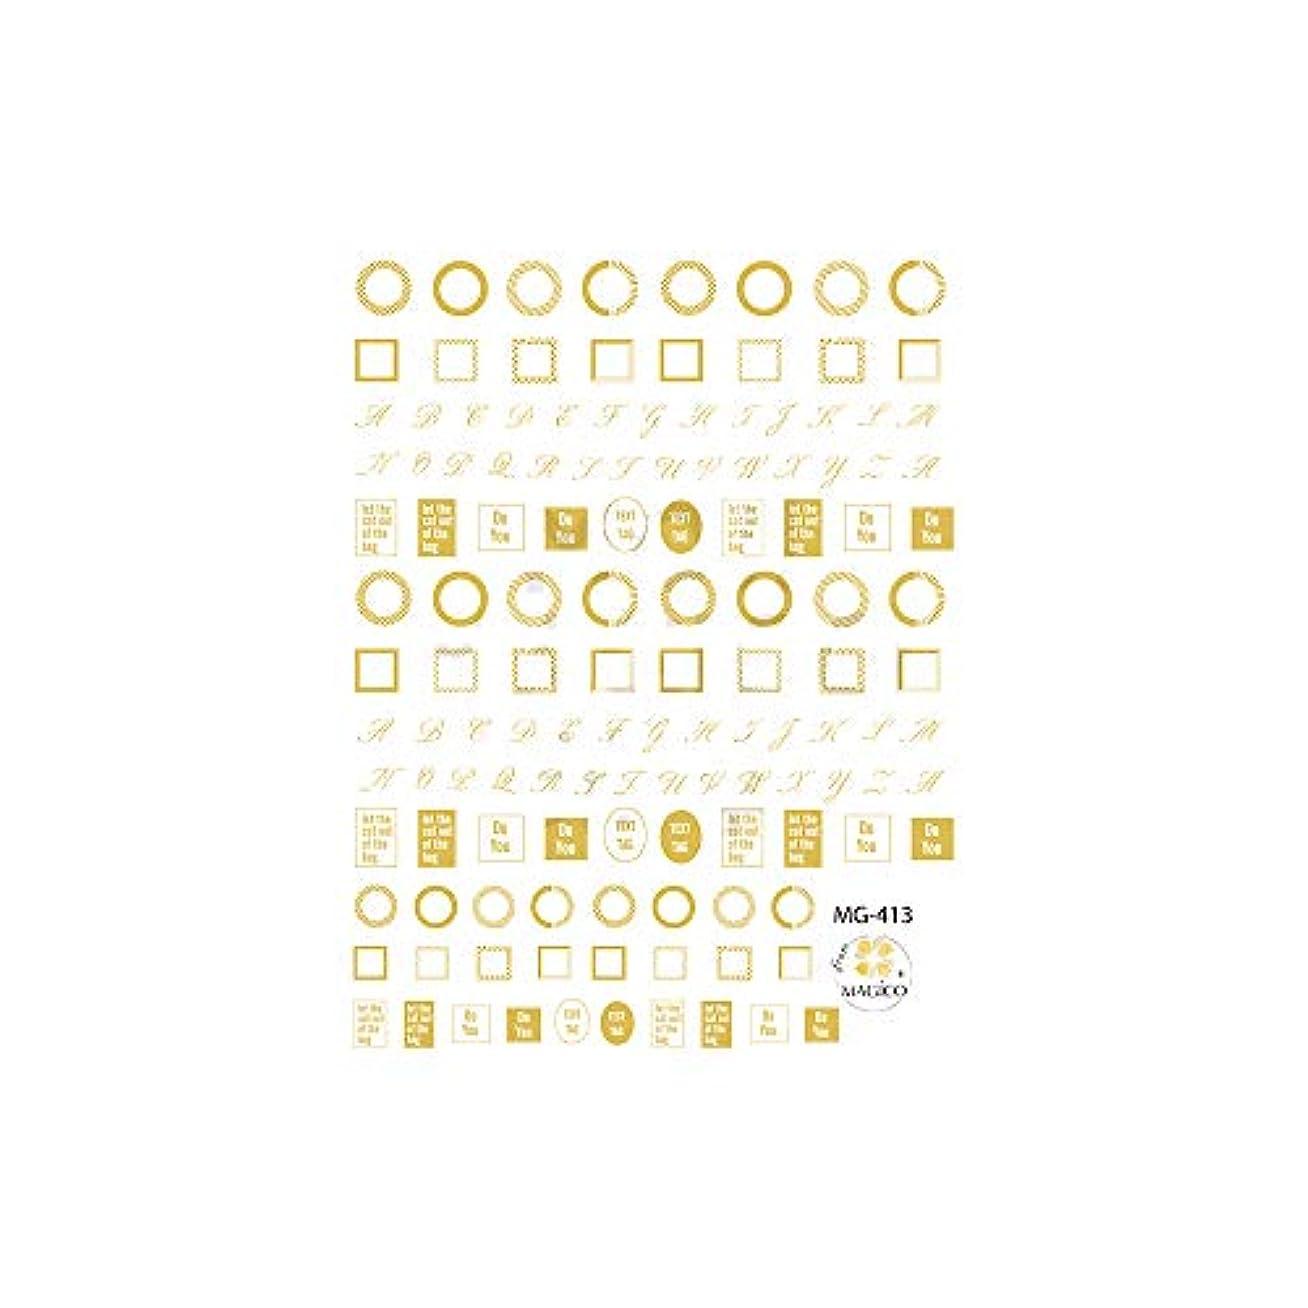 誘導小さい発送irogel イロジェル ネイルシール フレーム&タグシール【MG-413】MAGICO ゴールド